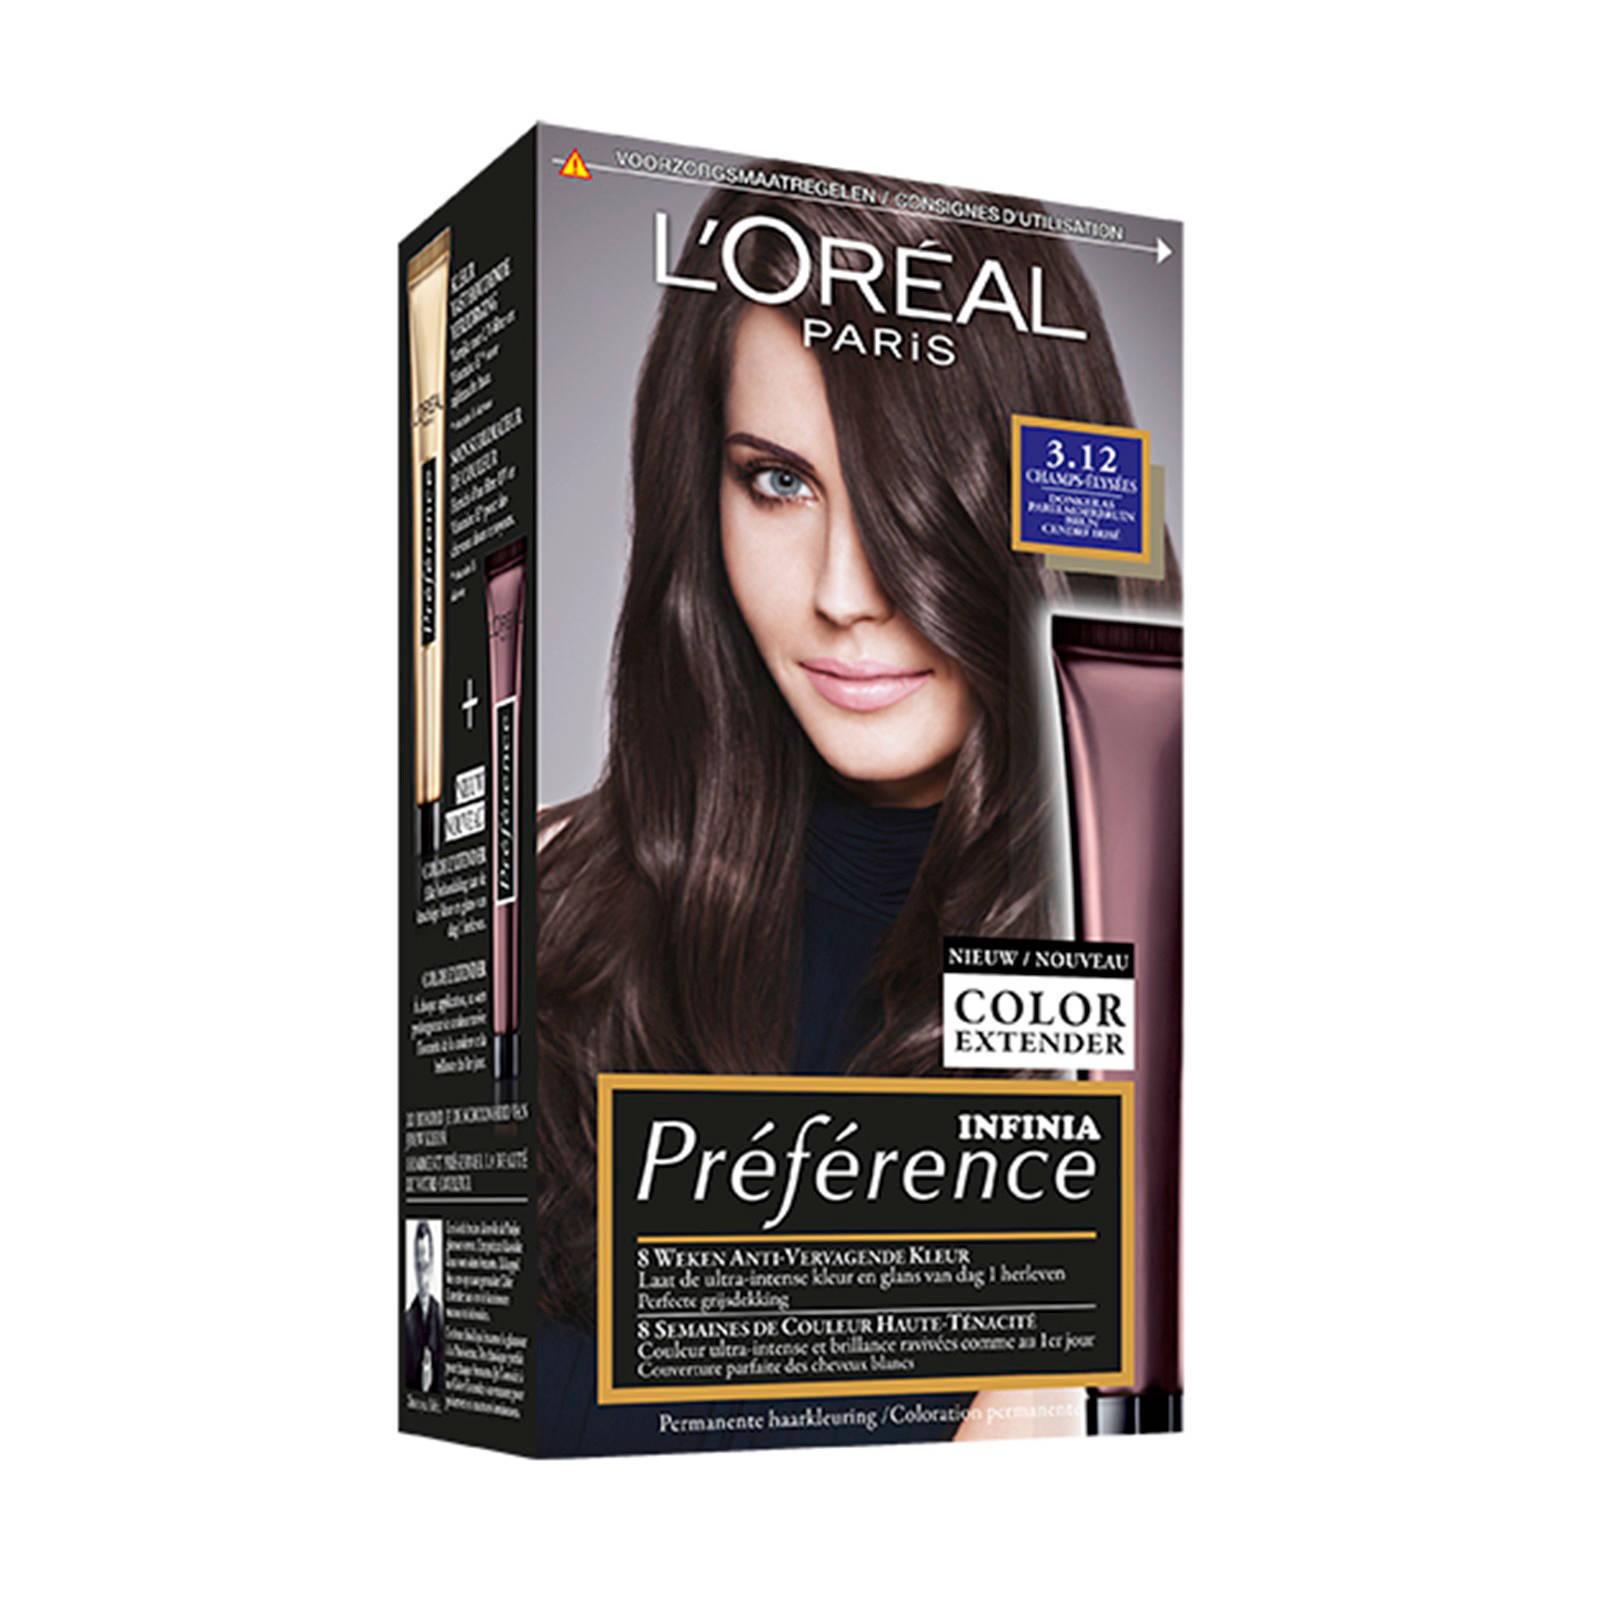 L'Oréal Paris Préférence haarkleuring - 3.12 Champs-Élysées